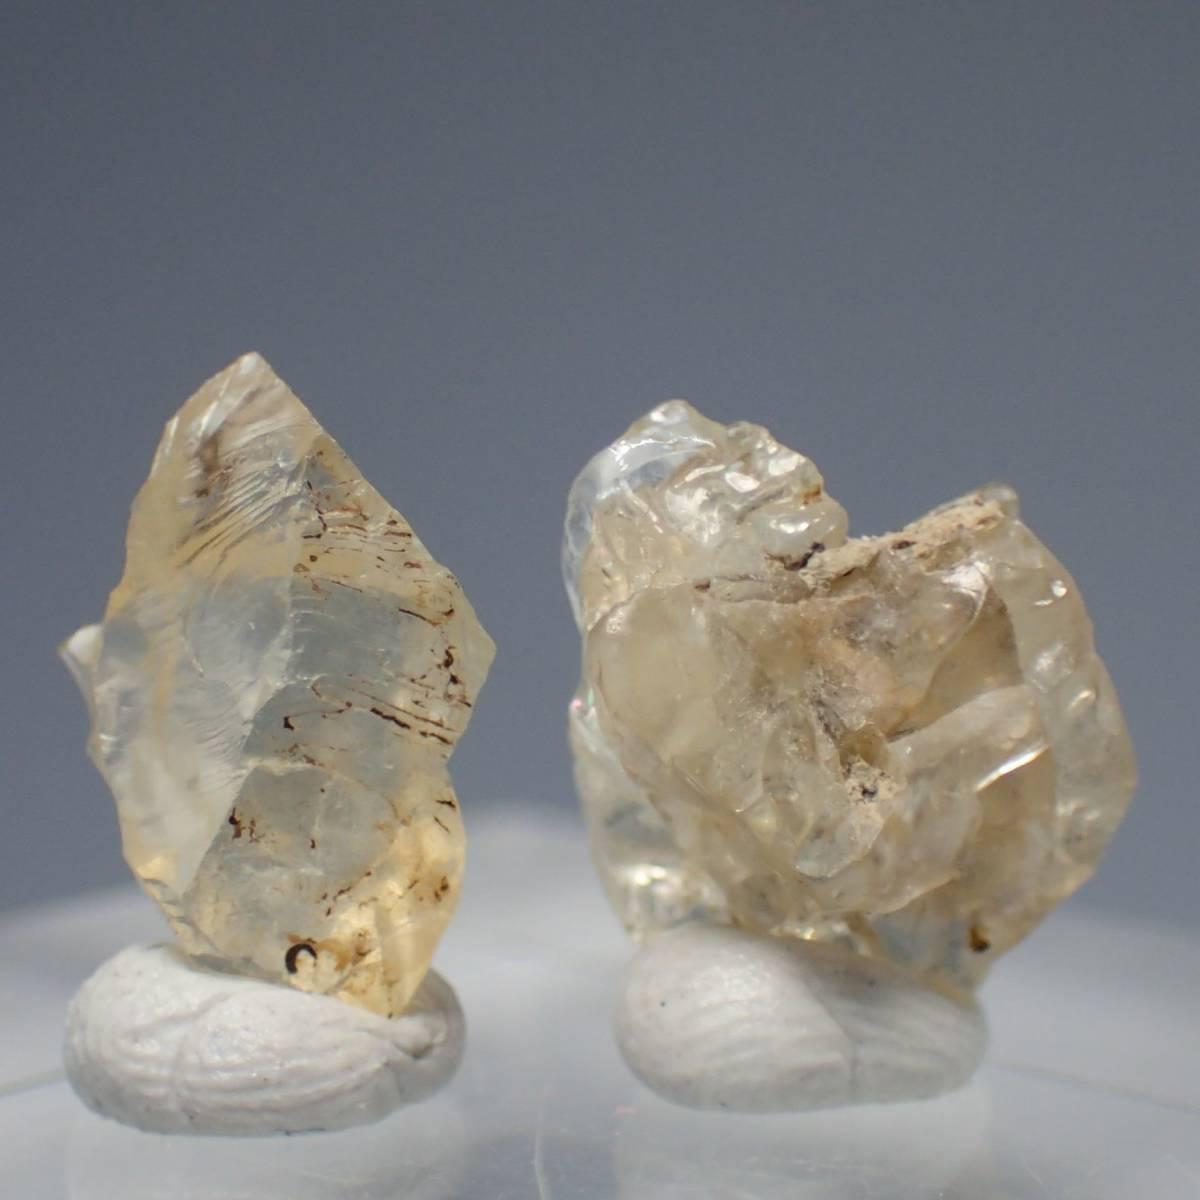 アメリカ合衆国 ユタ州 サンストーンノール産 サンストーン 計4.35ct 天然石 鉱物標本 長石 ラブラドライト パワーストーン_画像2